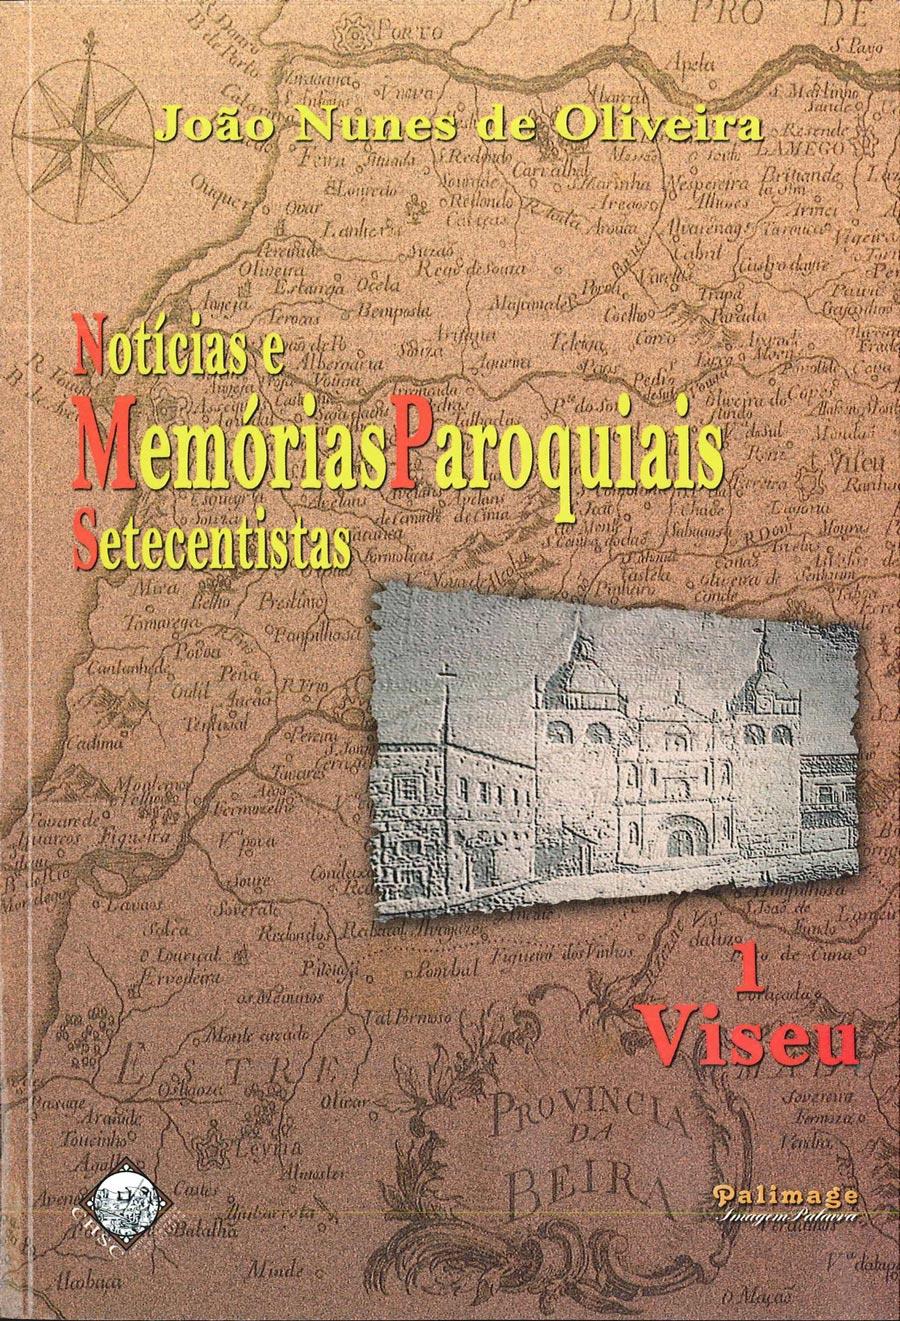 Notícias-e-Memórias-Paroquiais-Setecentistas-1-VIseu-1